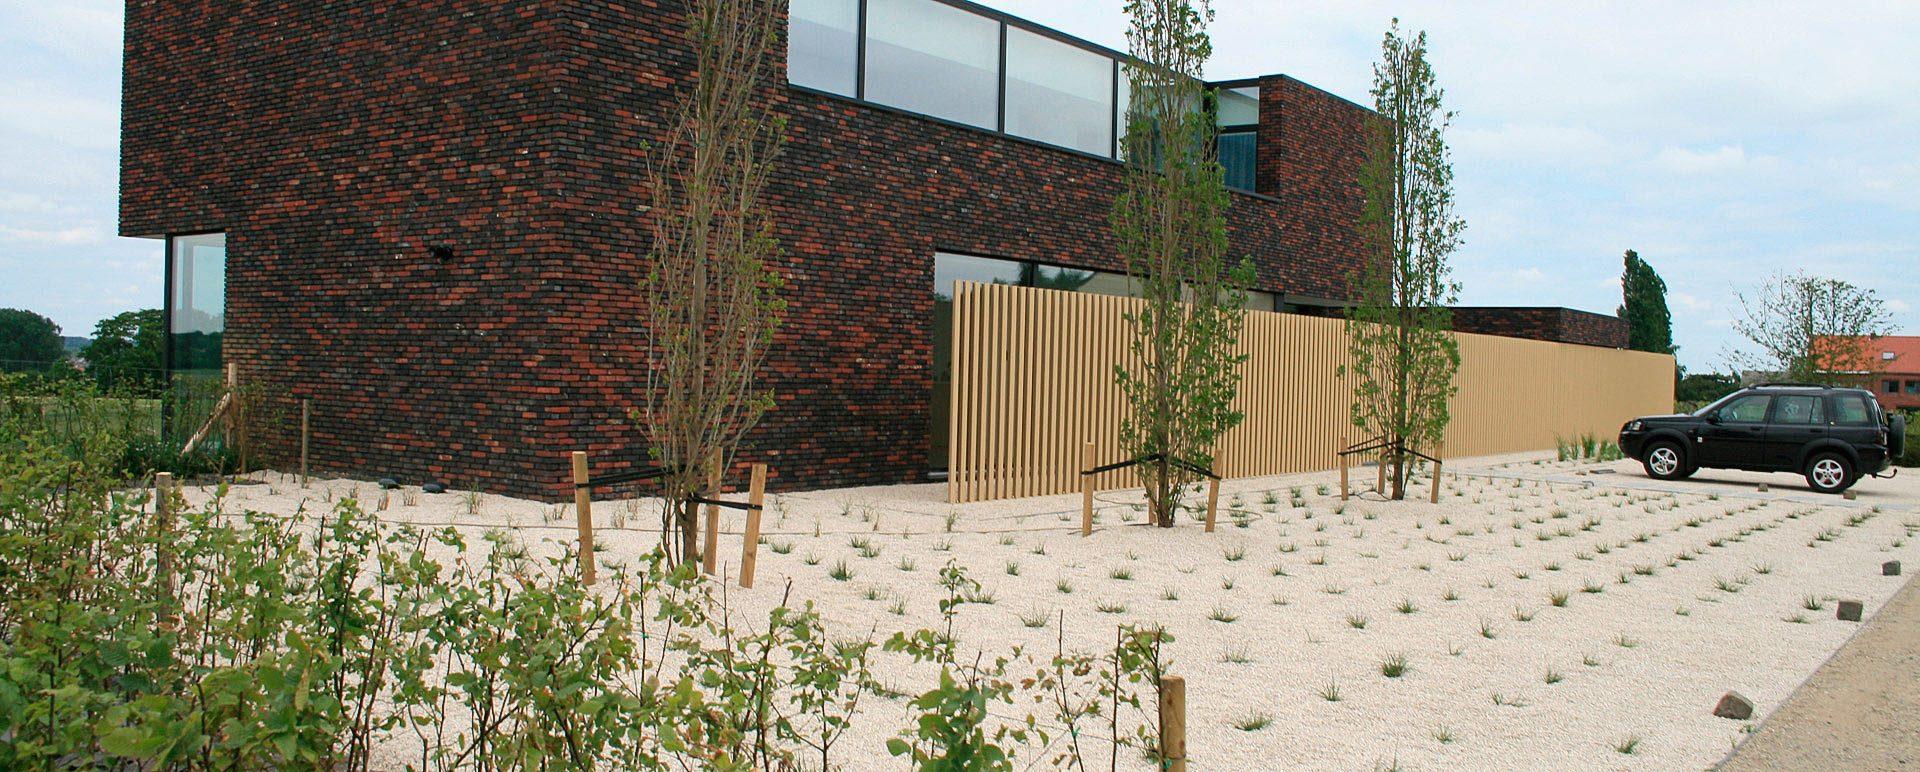 Moderne tuinen - Tuinconcept Mertens